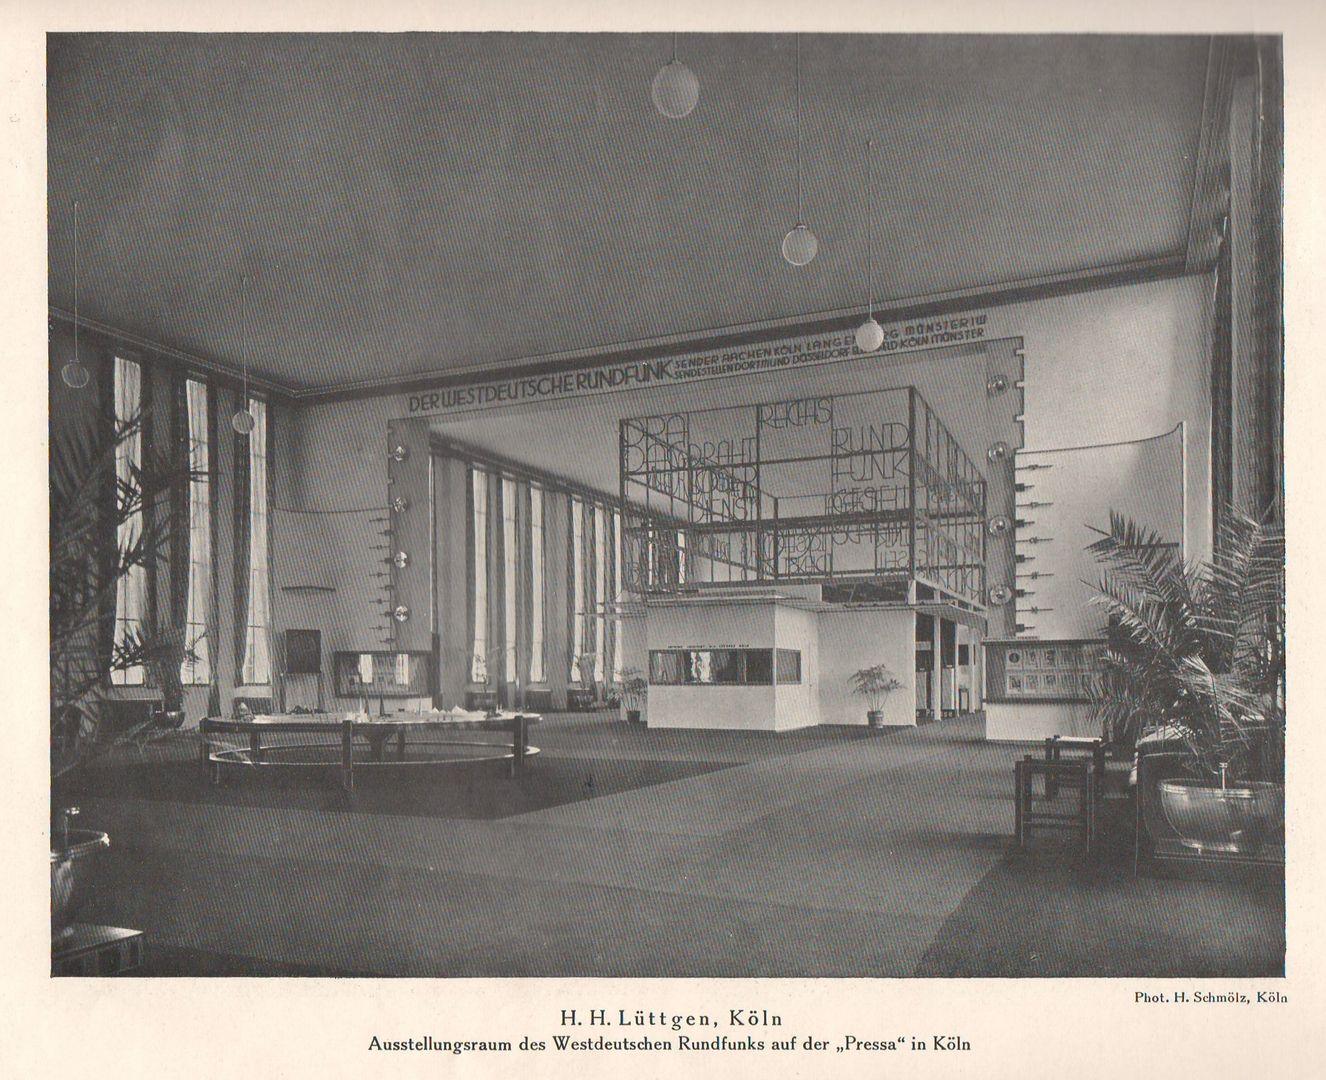 H. H. Lüttgen Ausstellungsraum der Westdeutschen